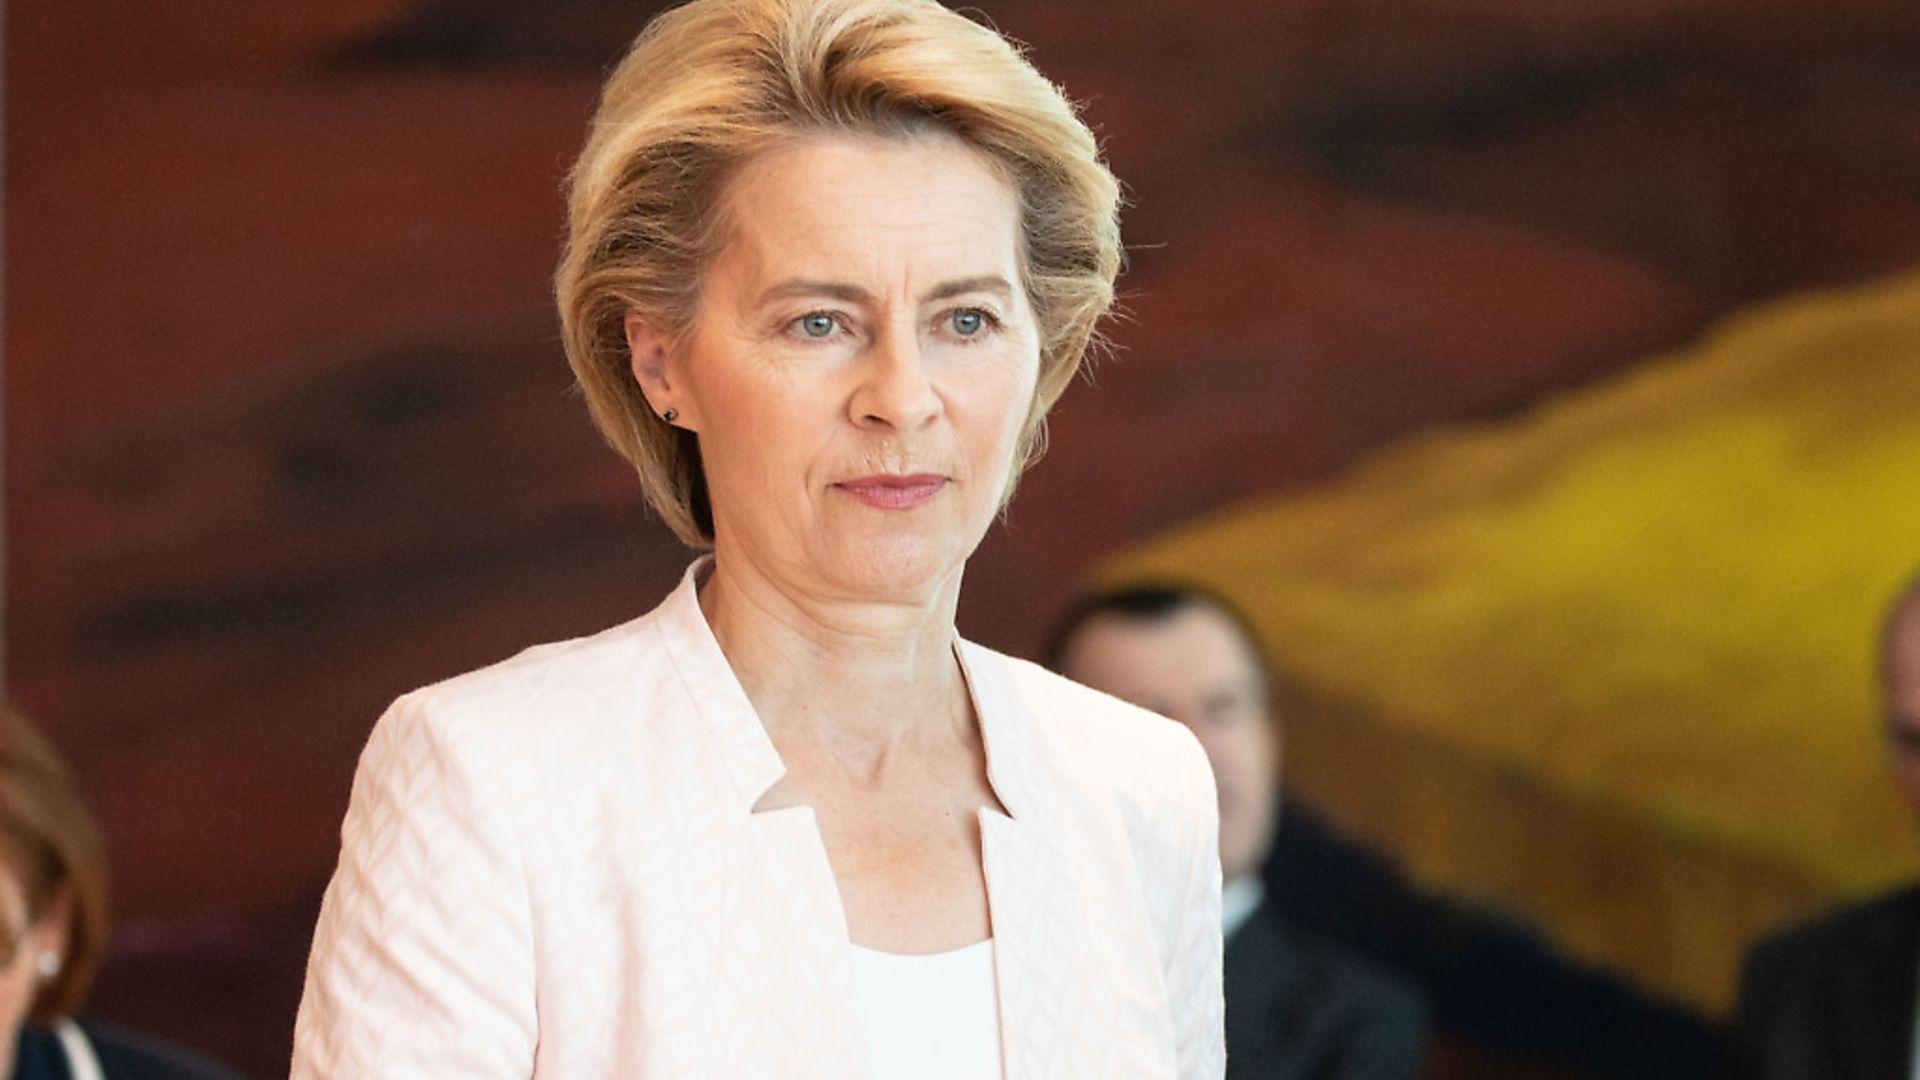 Ursula von der Leyen. (Photo by Omer Messinger/Getty Images) - Credit: Getty Images